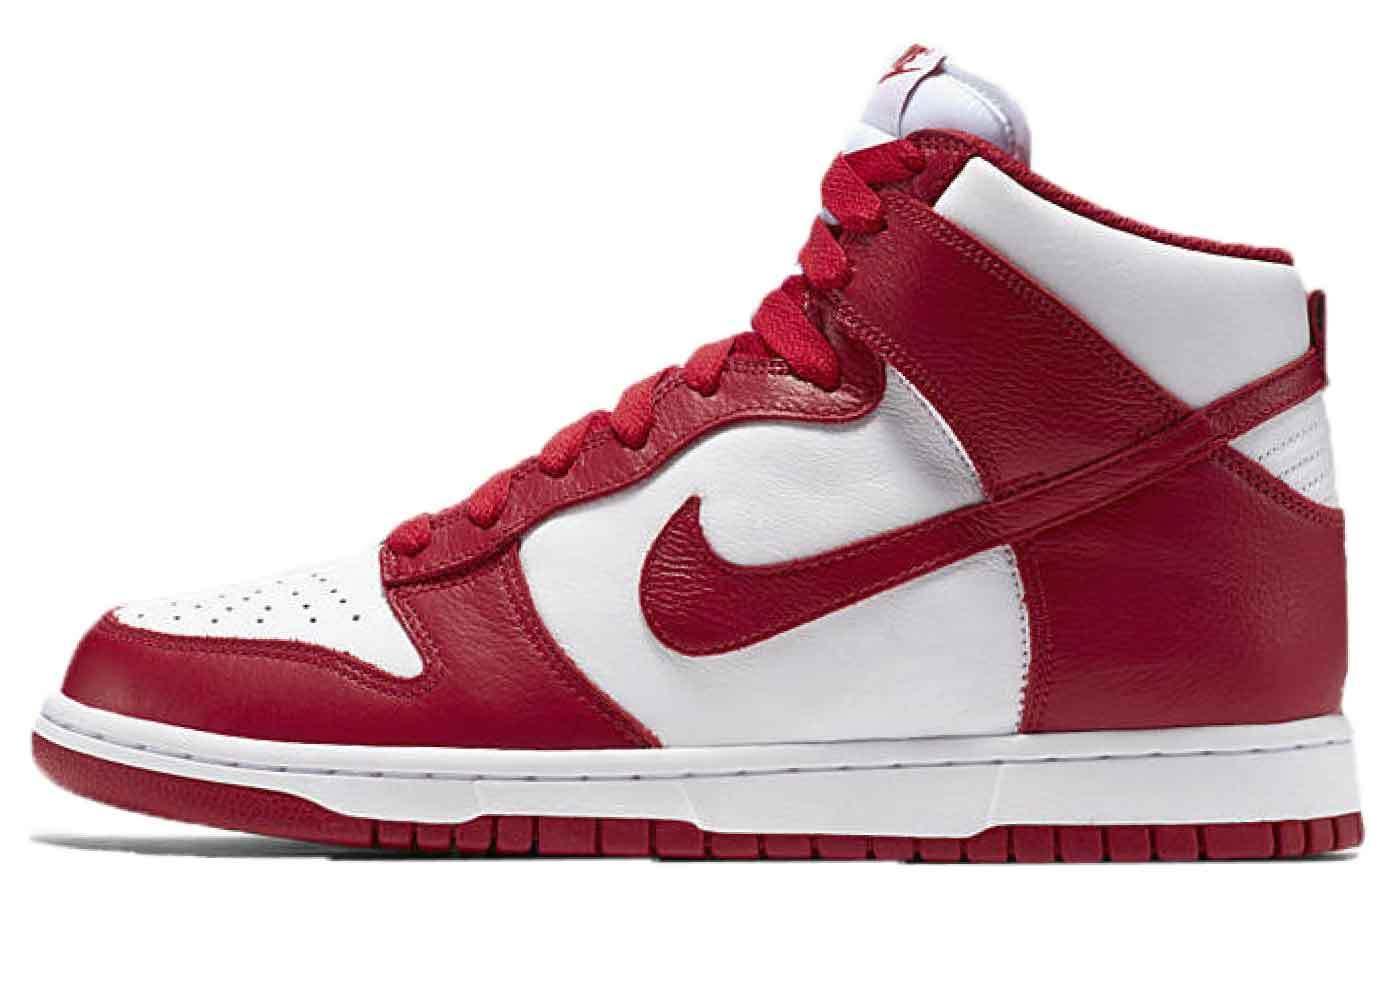 Nike Dunk Retro Be True St. John'sの写真